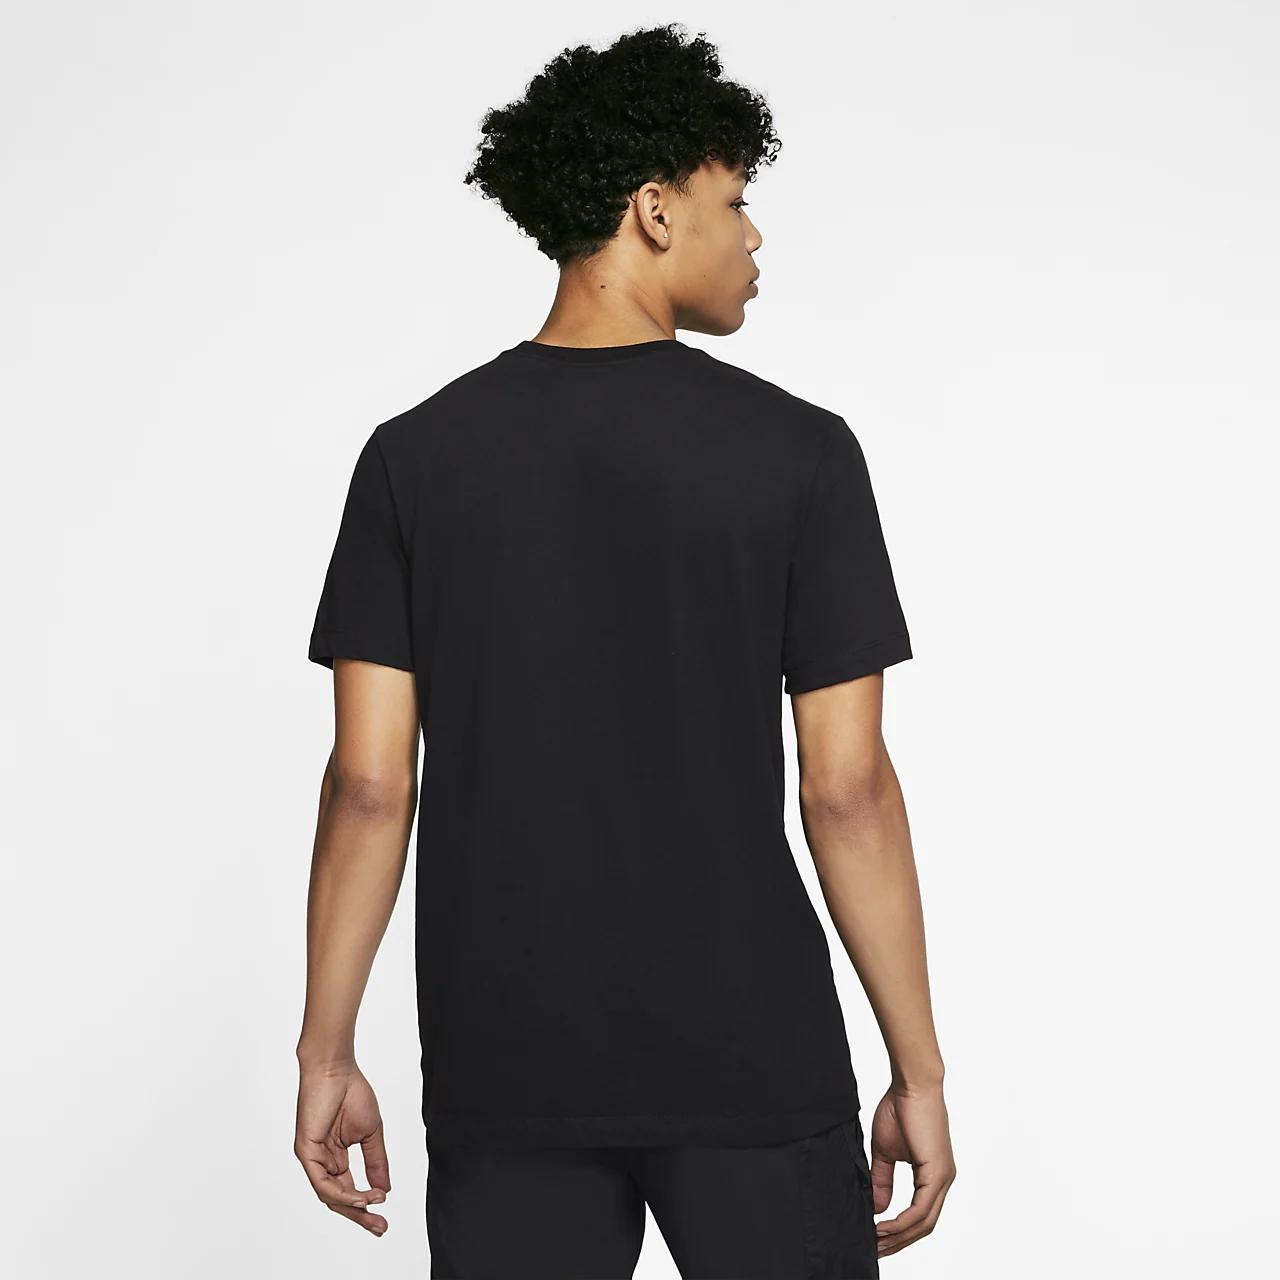 나이키 드라이핏 뉴욕 남자 트레이닝 티셔츠 CW2352-010